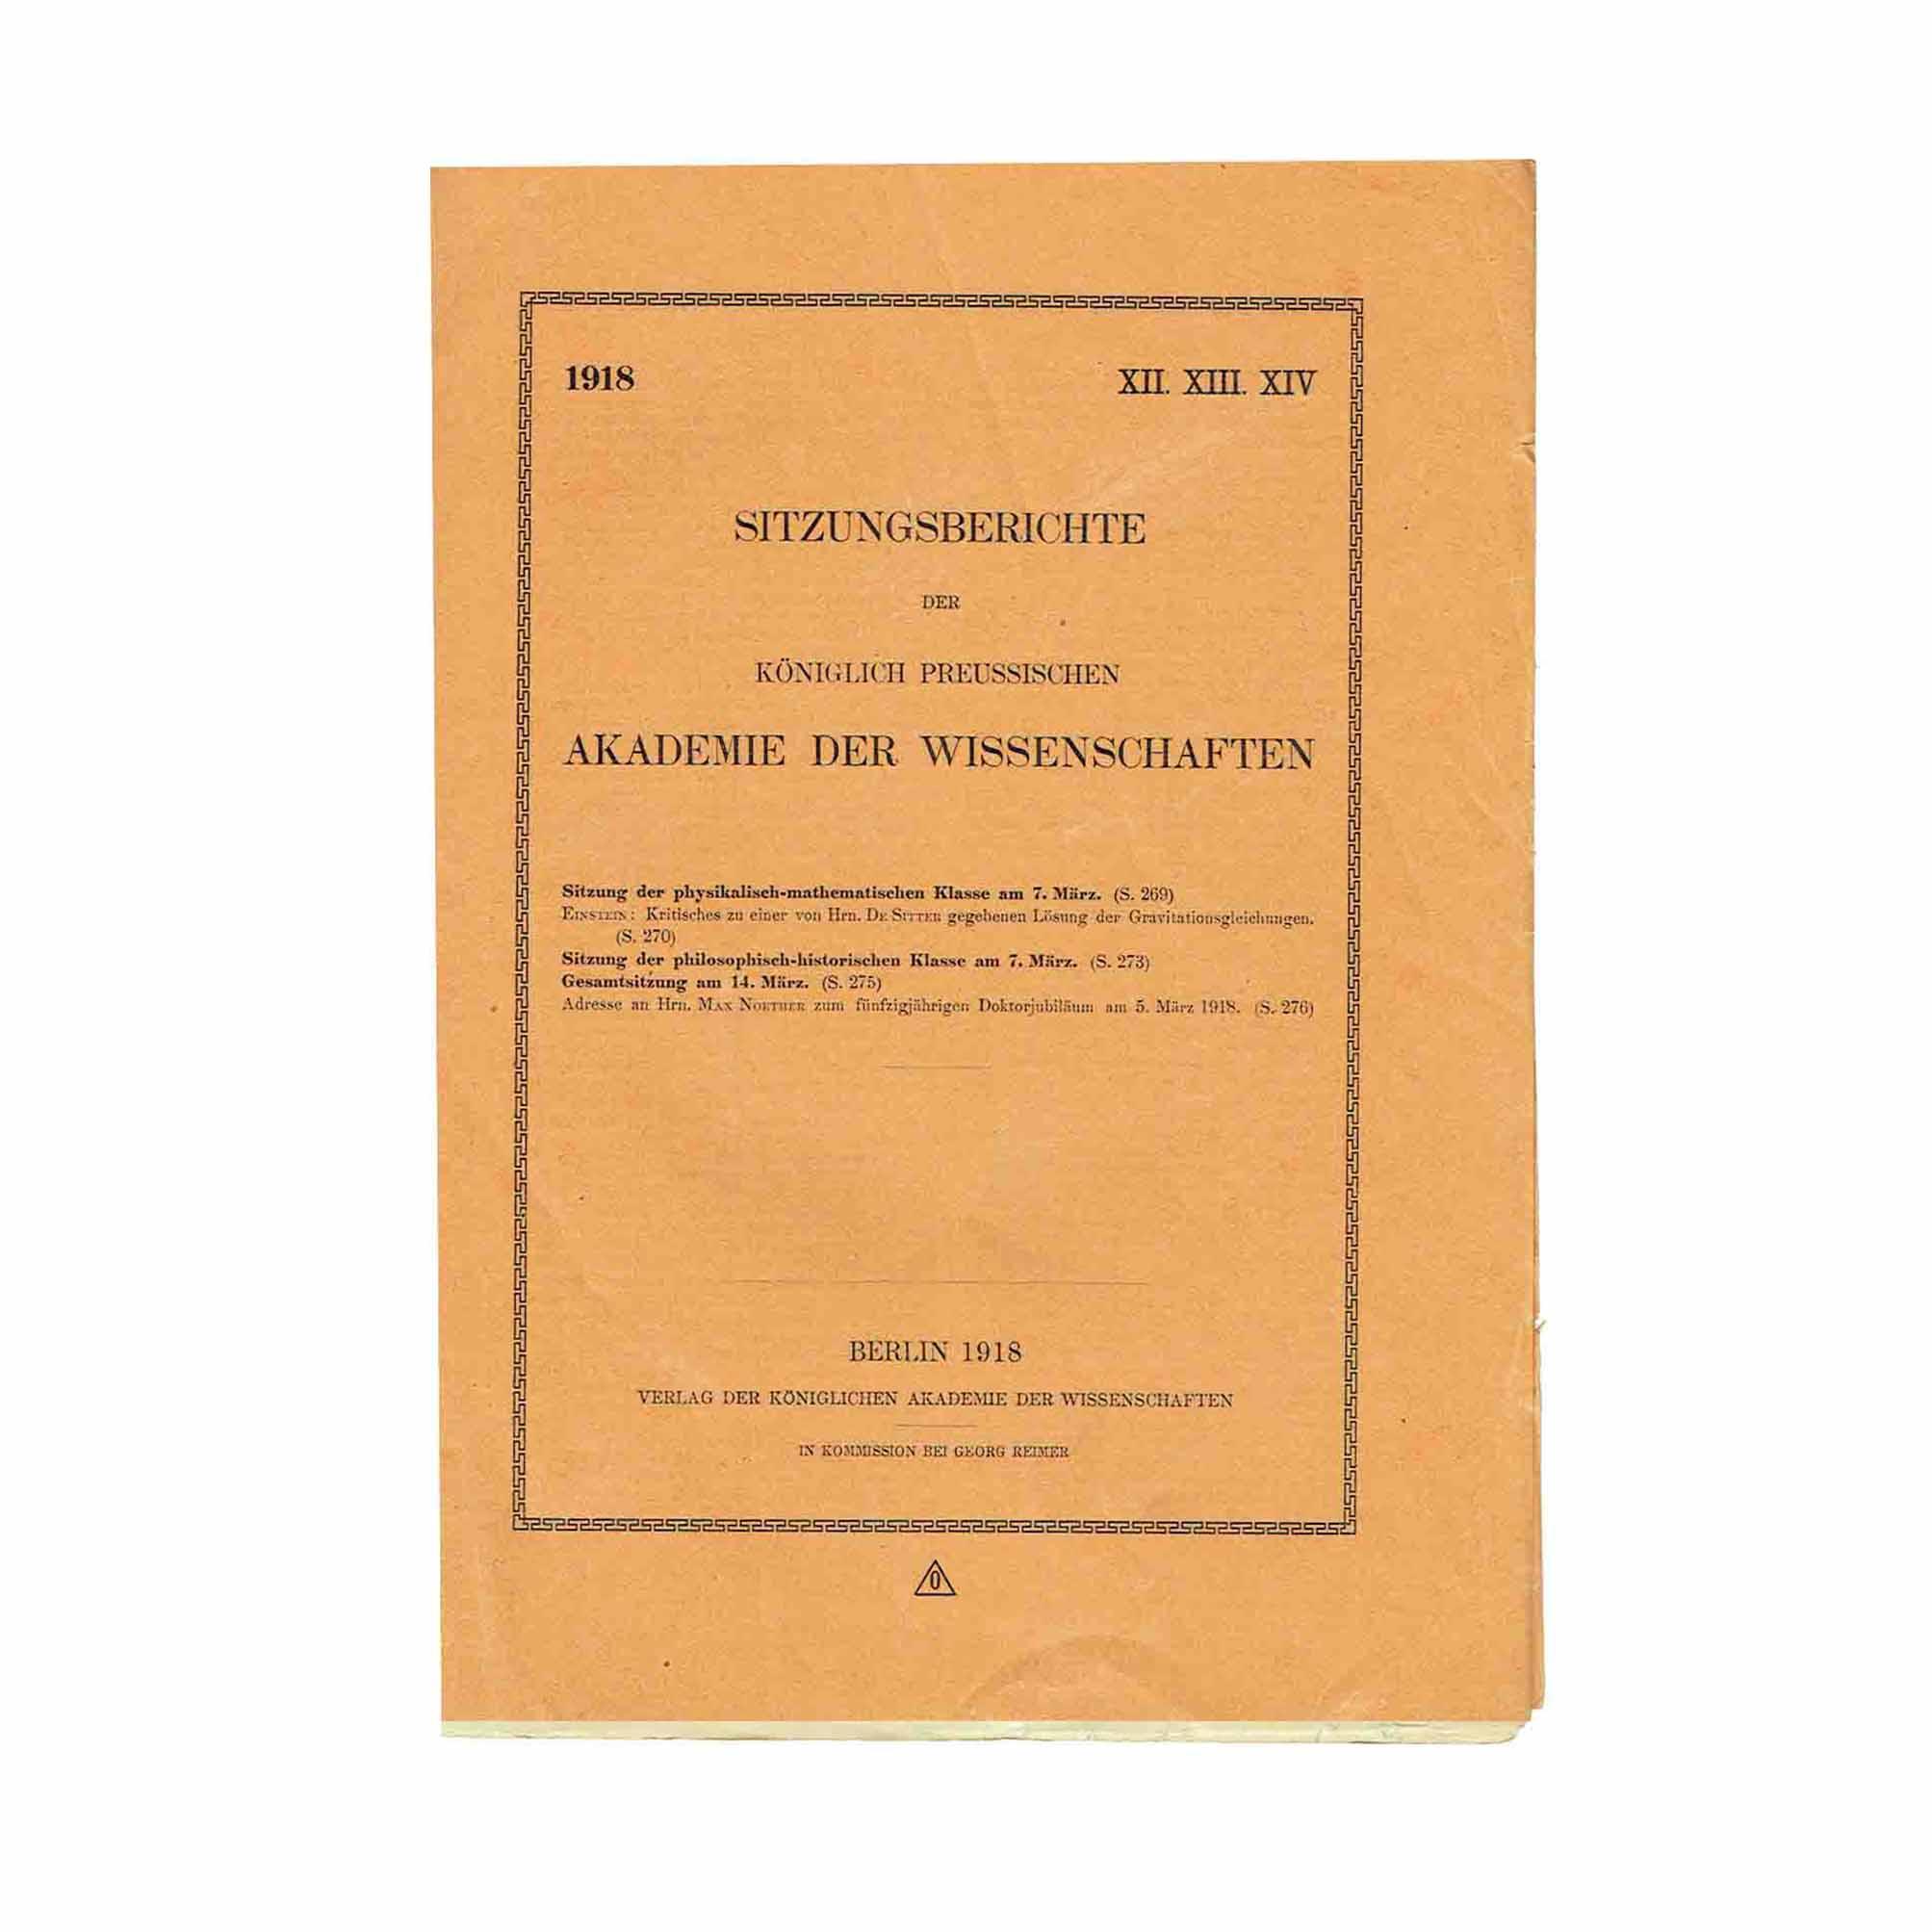 5720-Einstein-Sitter-Akademie-XII-1918-Cover-recto-free-N.jpg